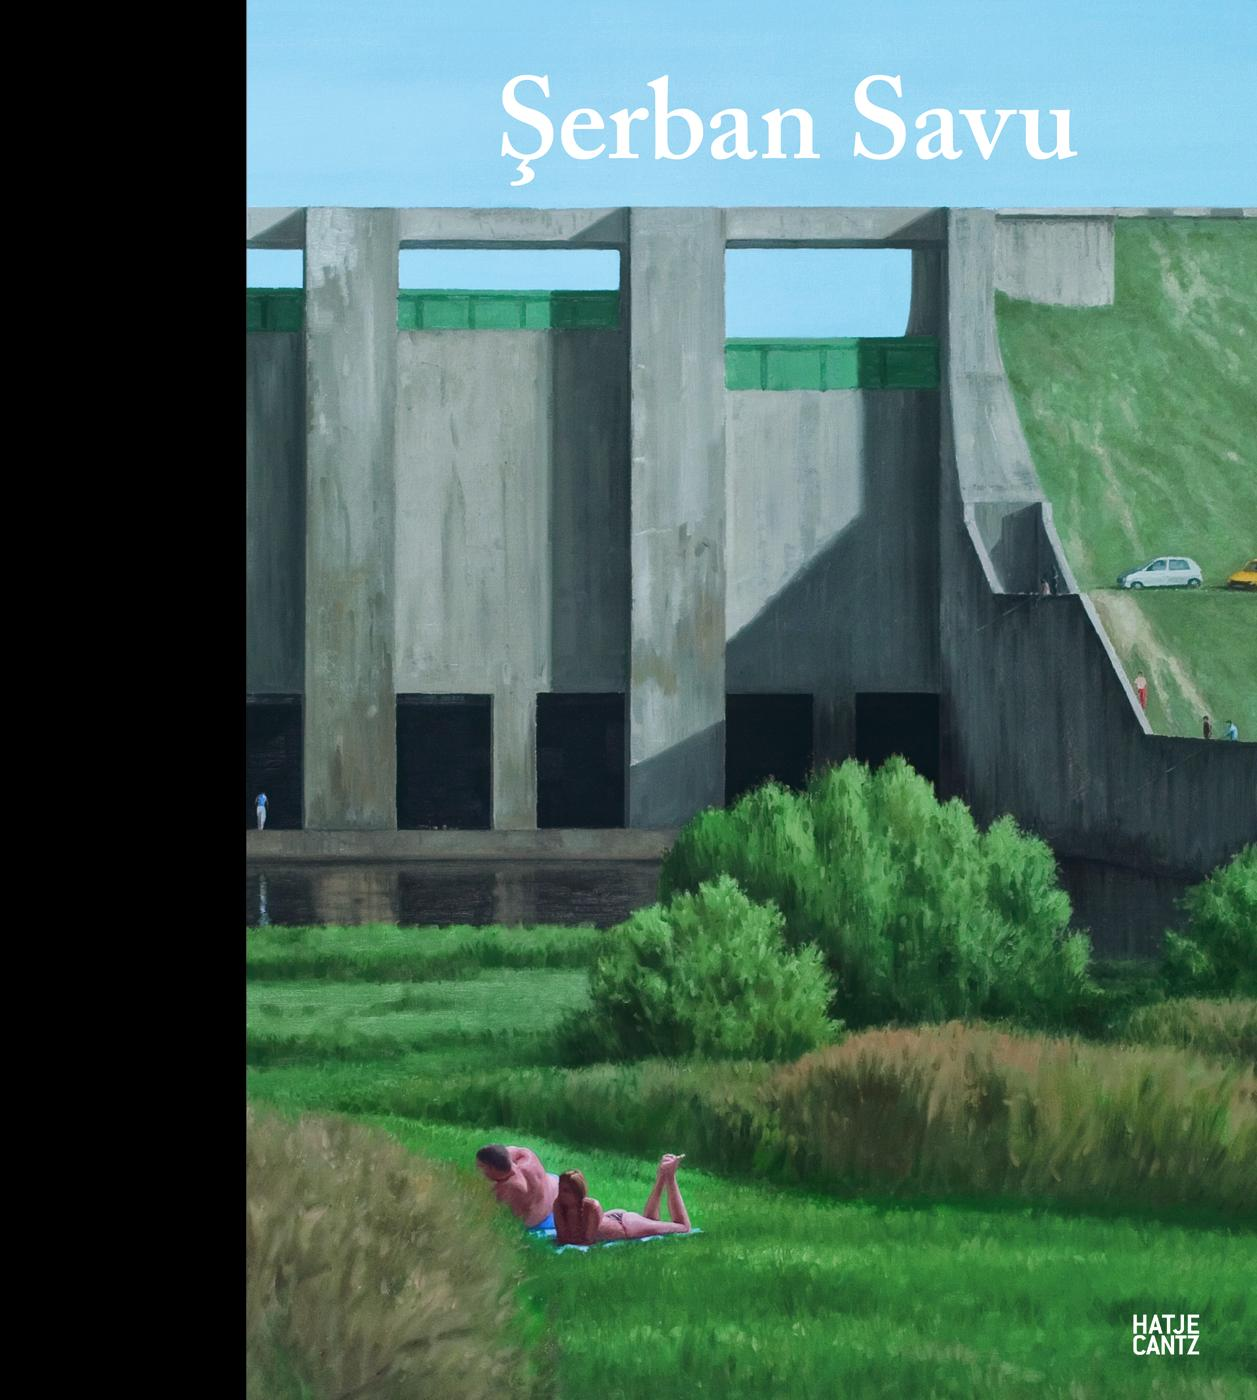 Serban Savu